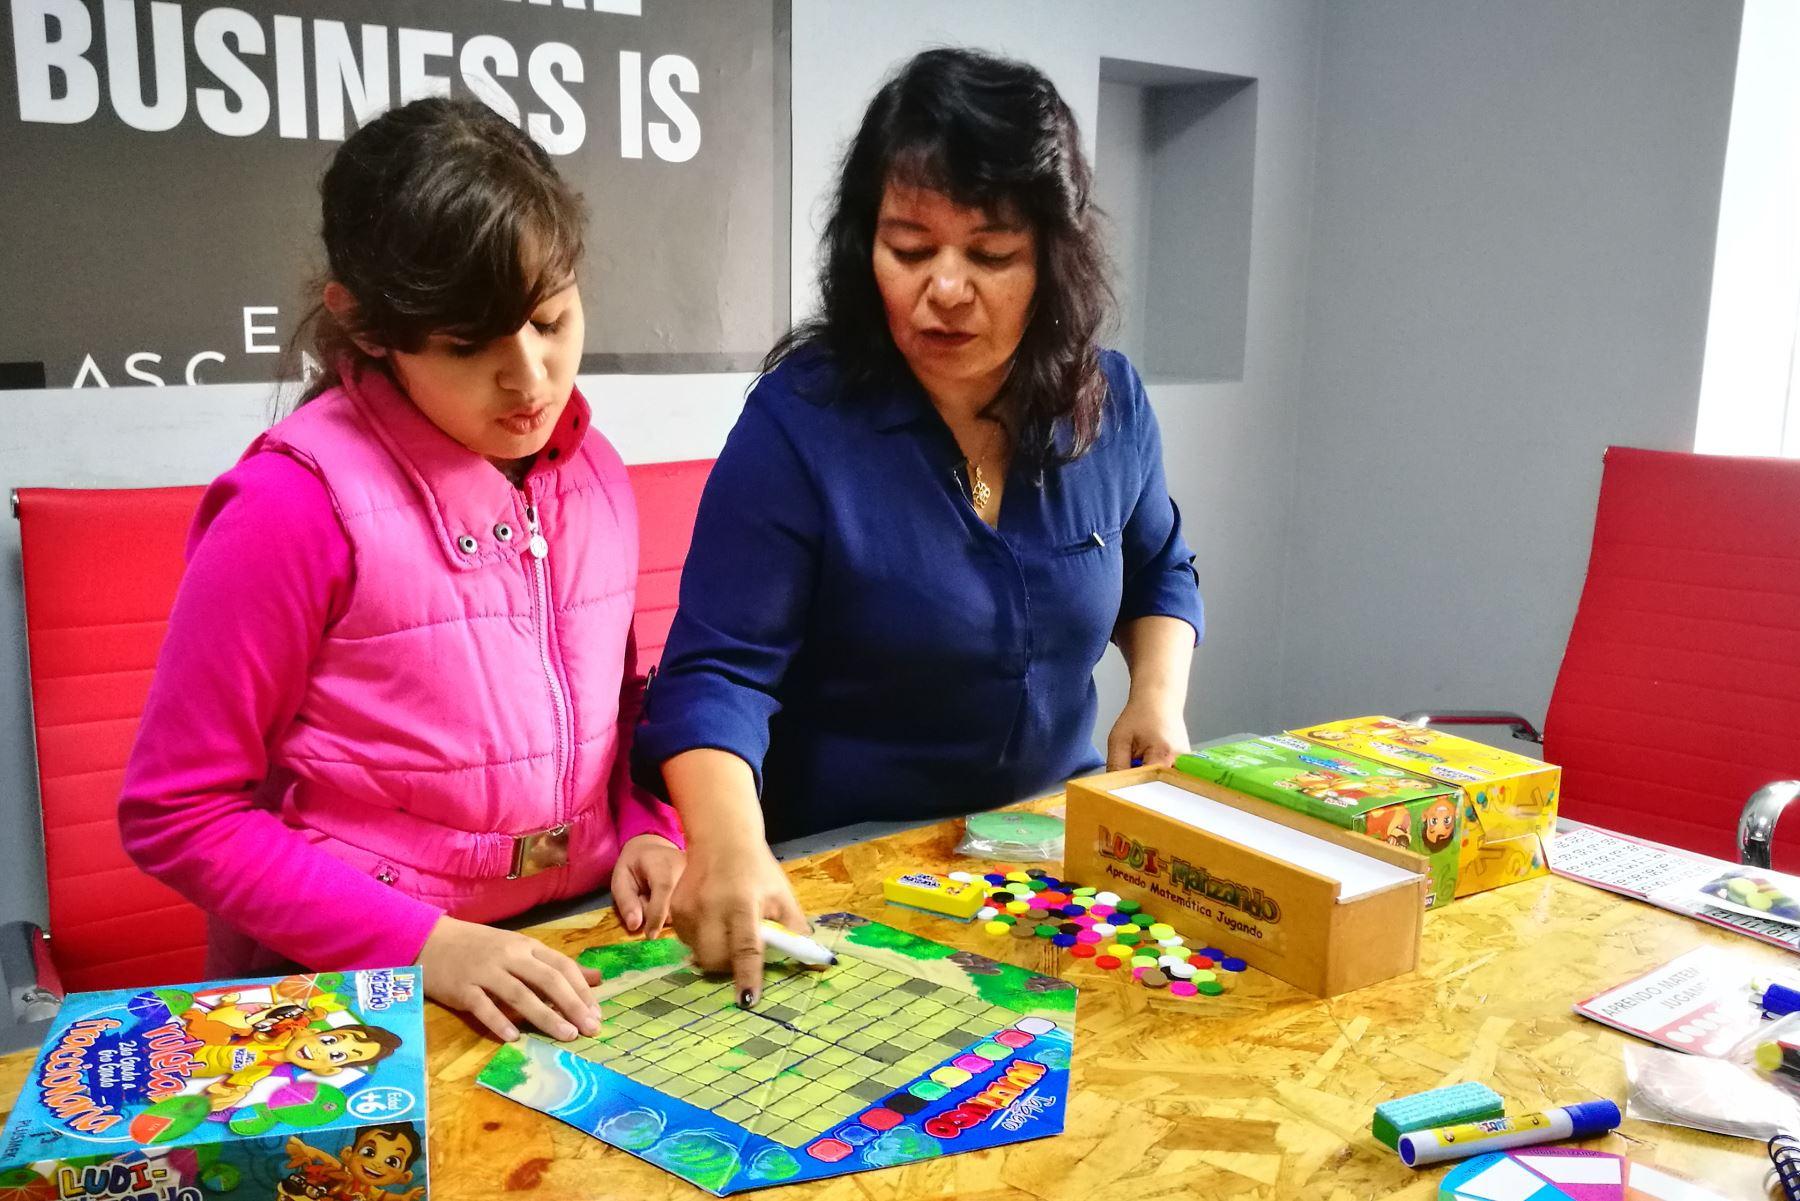 El método enseña las matemáticas de manera divertida no solo para los niños, sino para sus padres. Foto: Difusión.